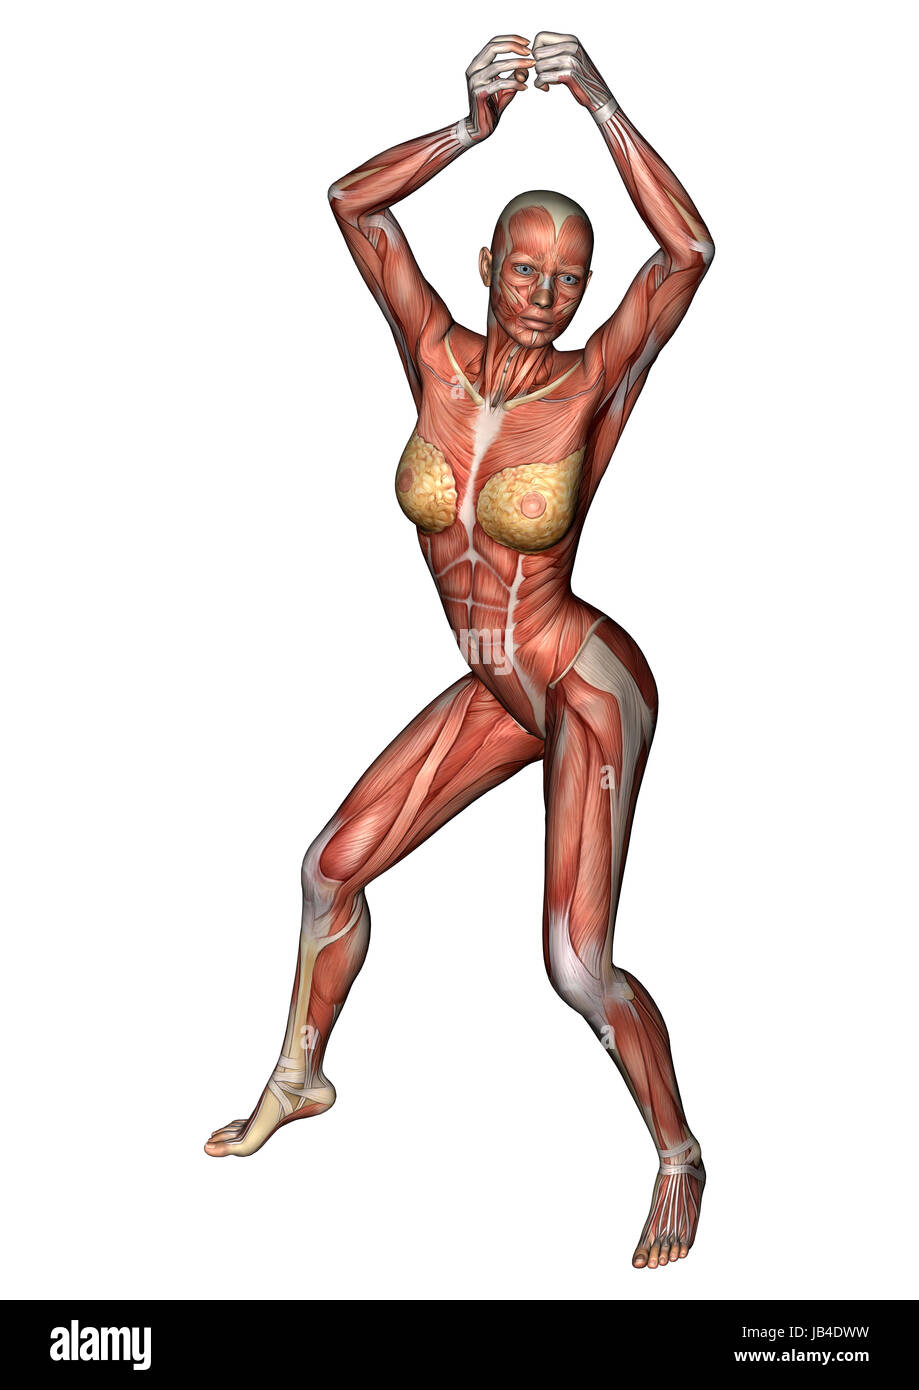 Tolle Weibliche Anatomie Cartoon Ideen - Menschliche Anatomie Bilder ...